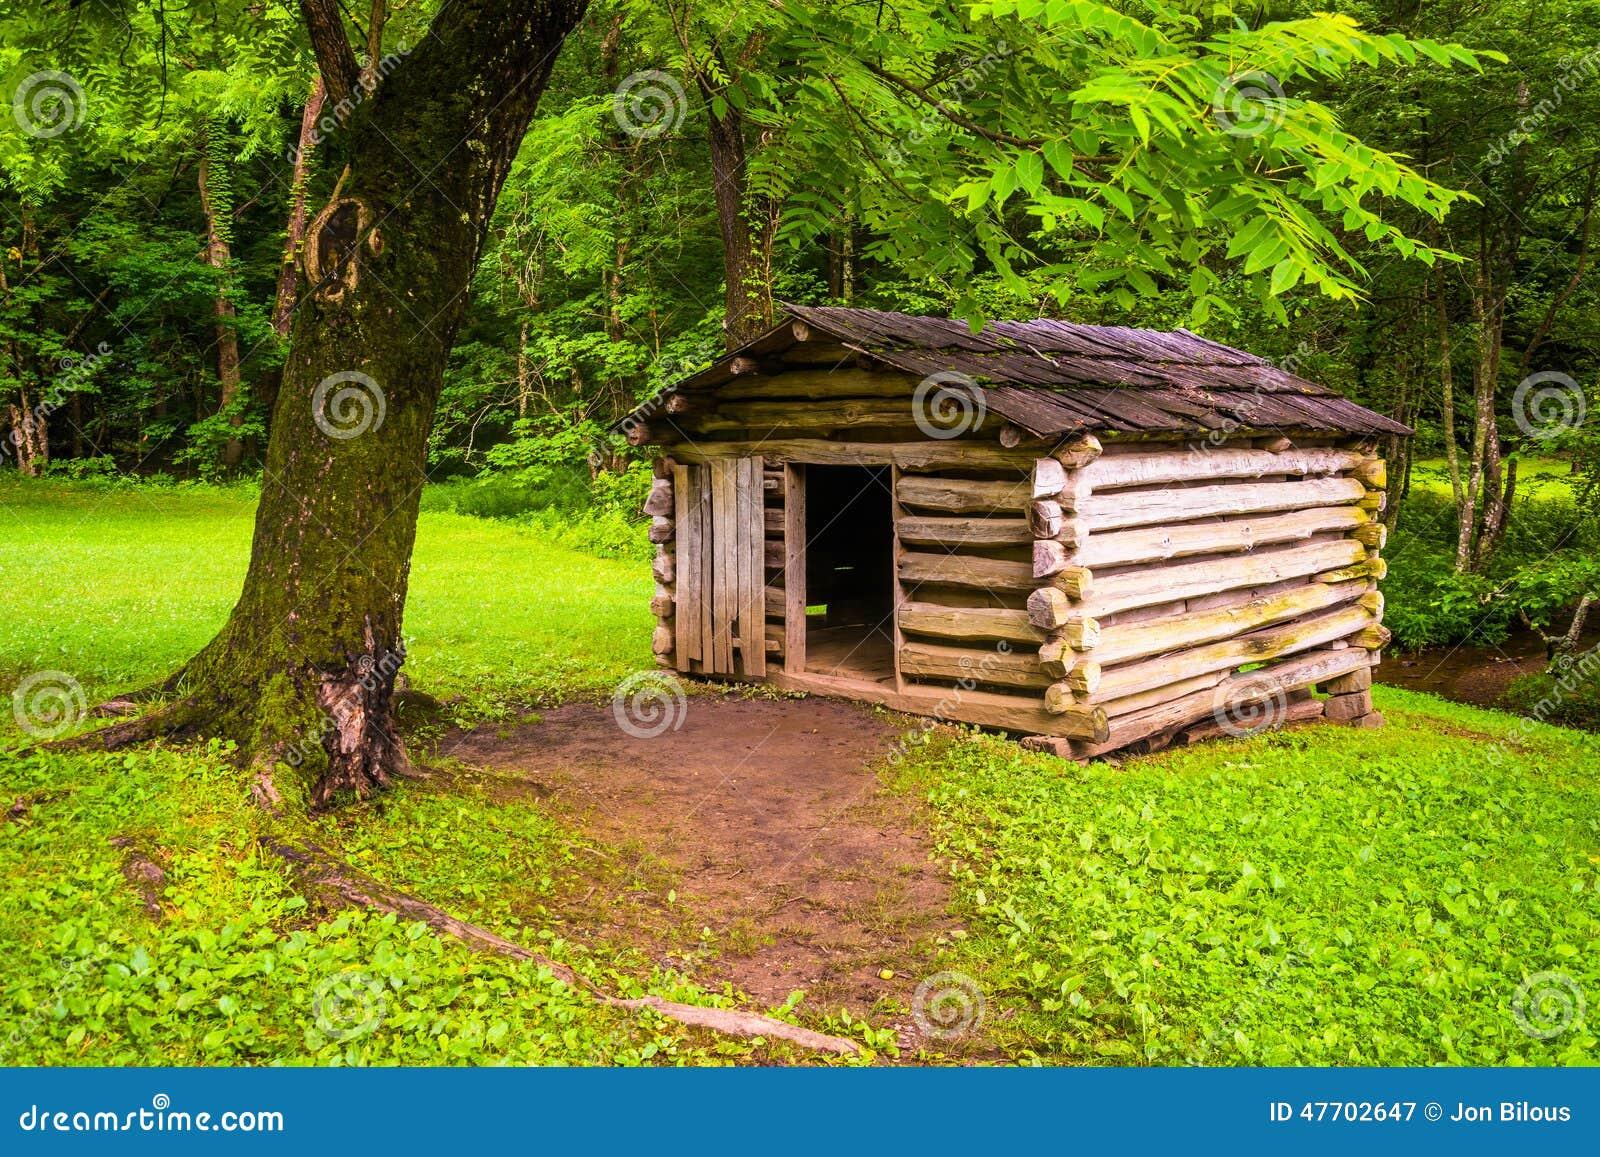 Rbol y peque a caba a de madera en la ensenada cade - Cabanas de madera en arboles ...